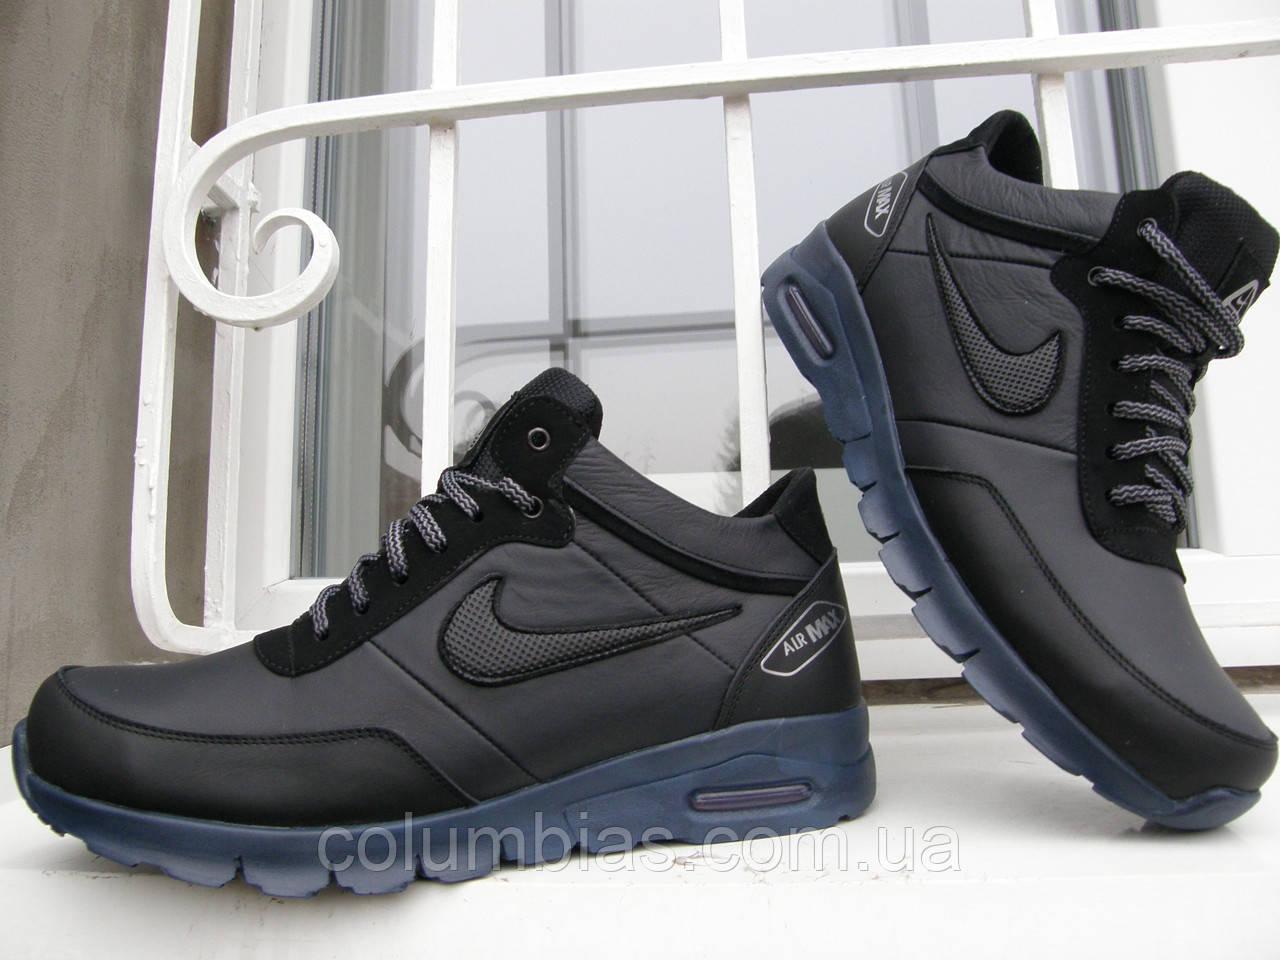 c52607c4 Кожаные кроссовки Nike - Весь ассортимент в наличии, звоните в любое время  т. 096